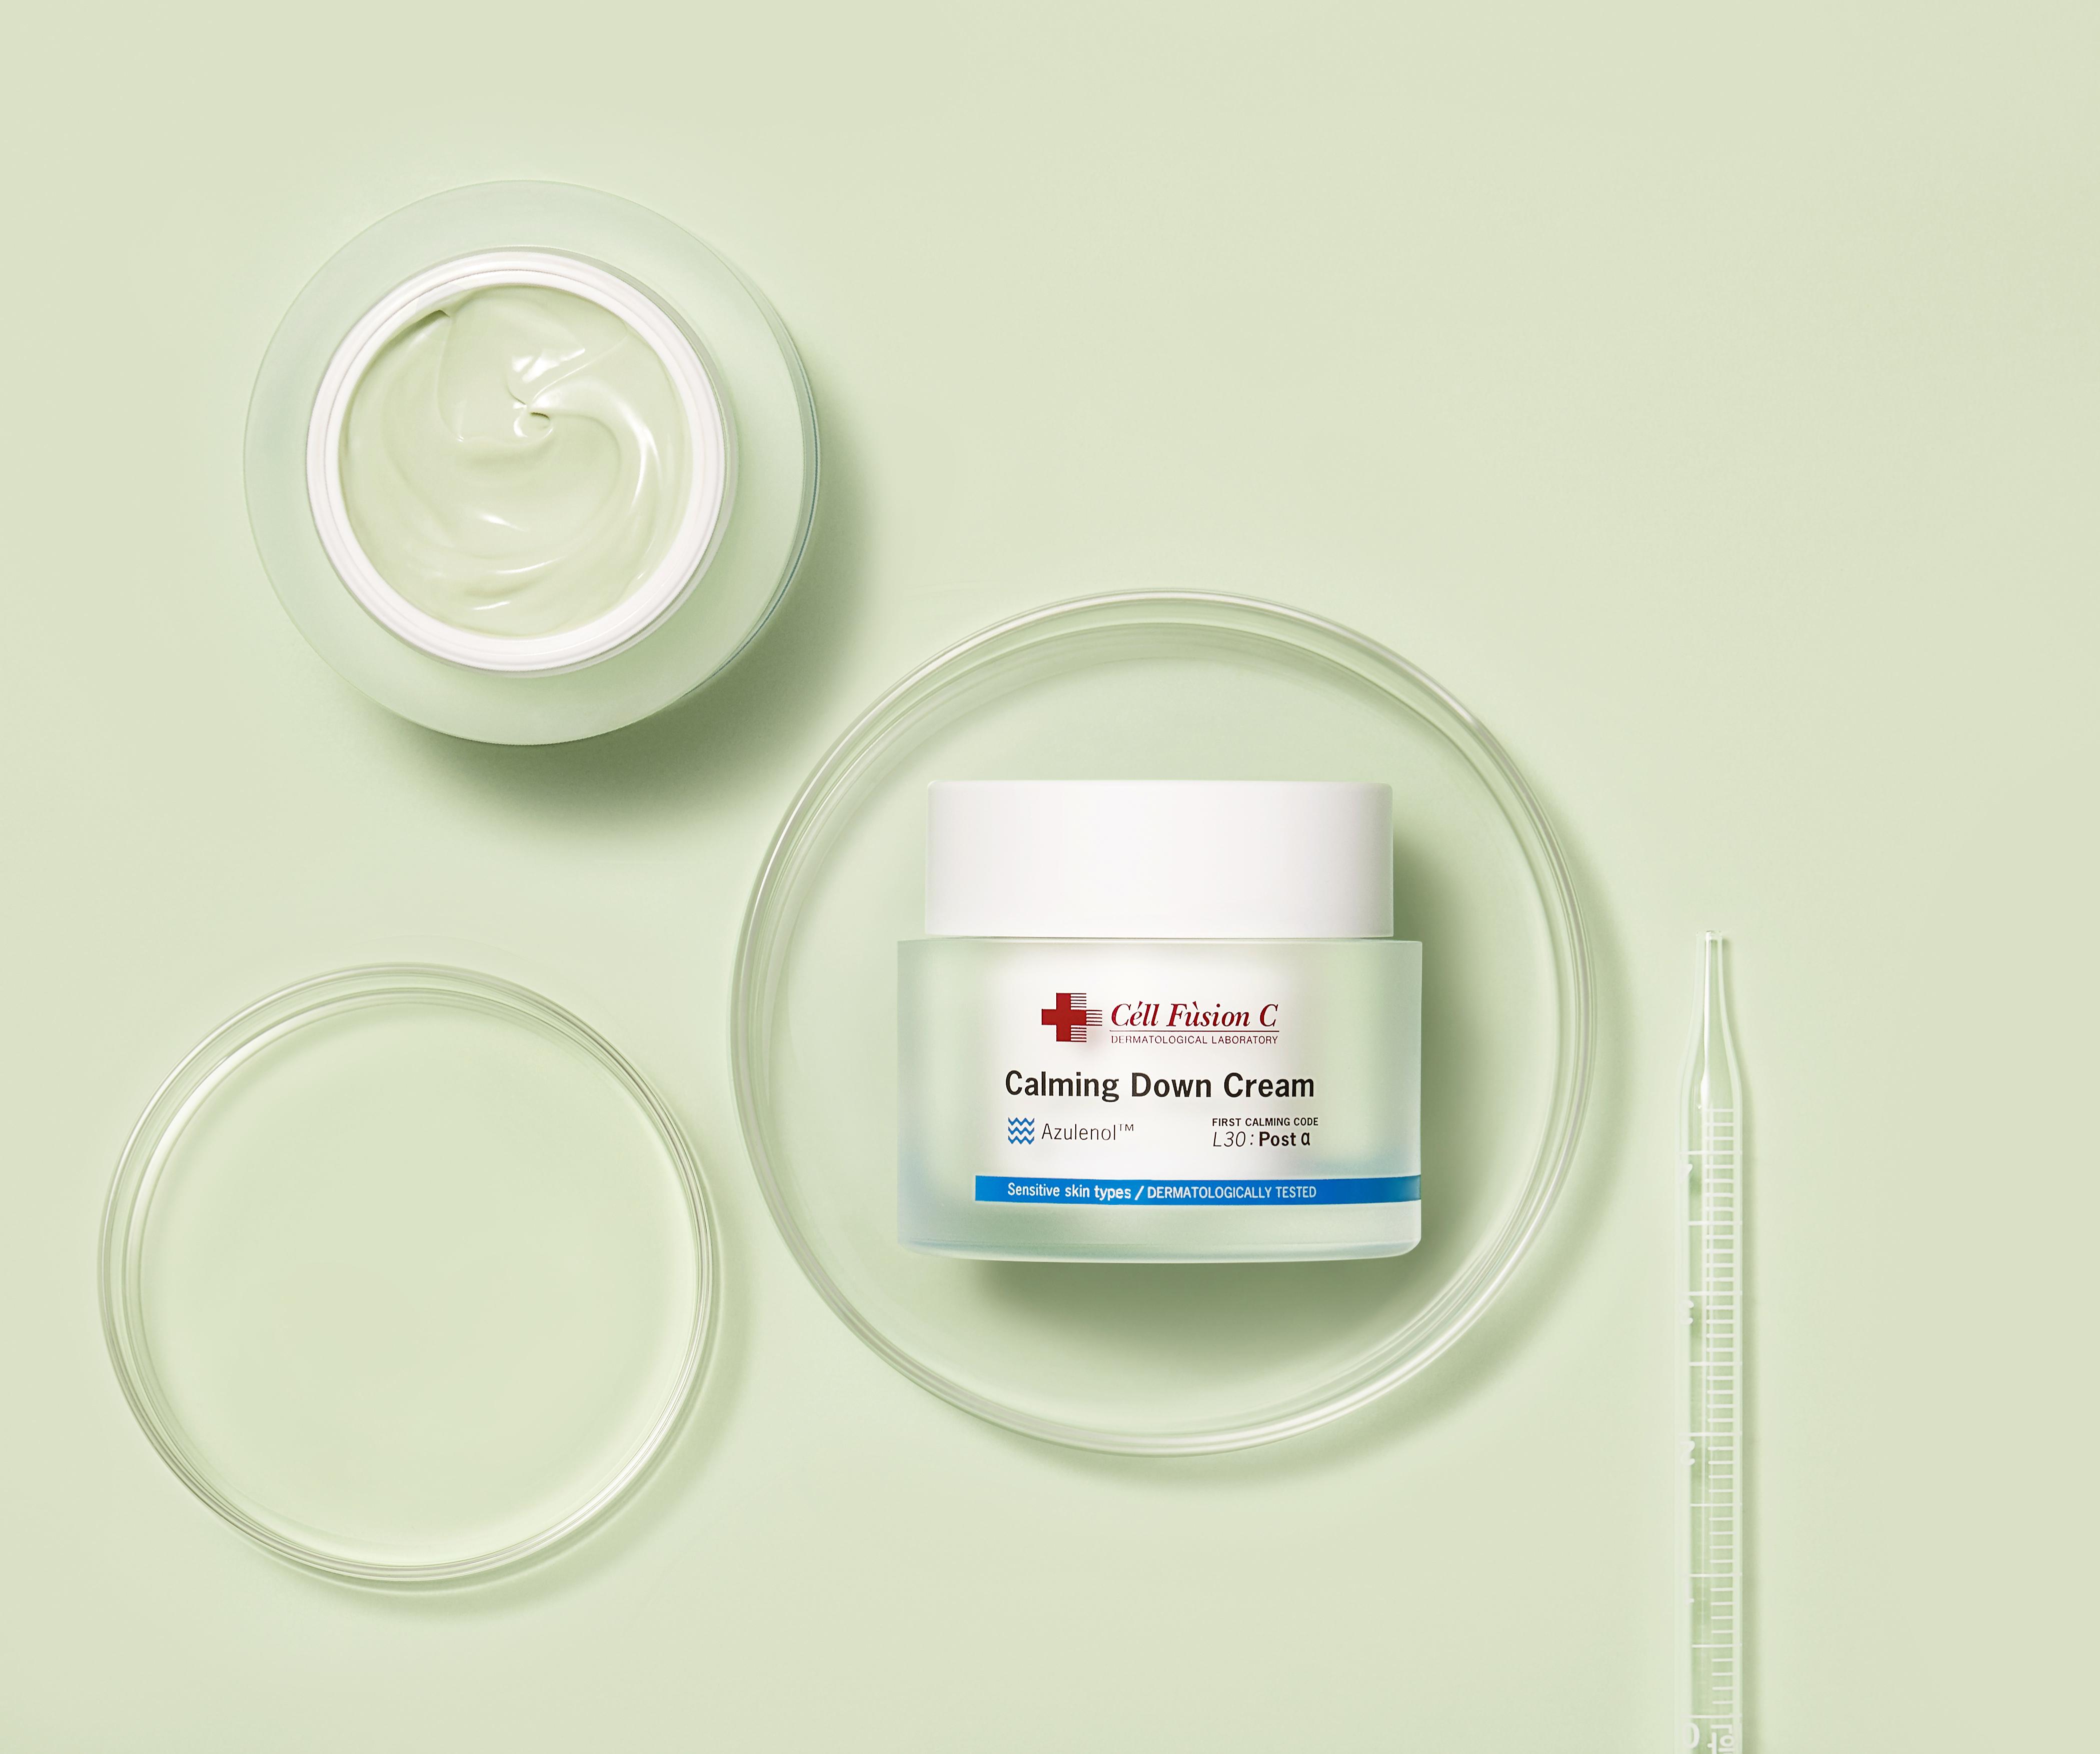 Zielone ukojenie dla podrażnionej, zaczerwienionej skóry – Calming Down Cream od Cell Fusion C.